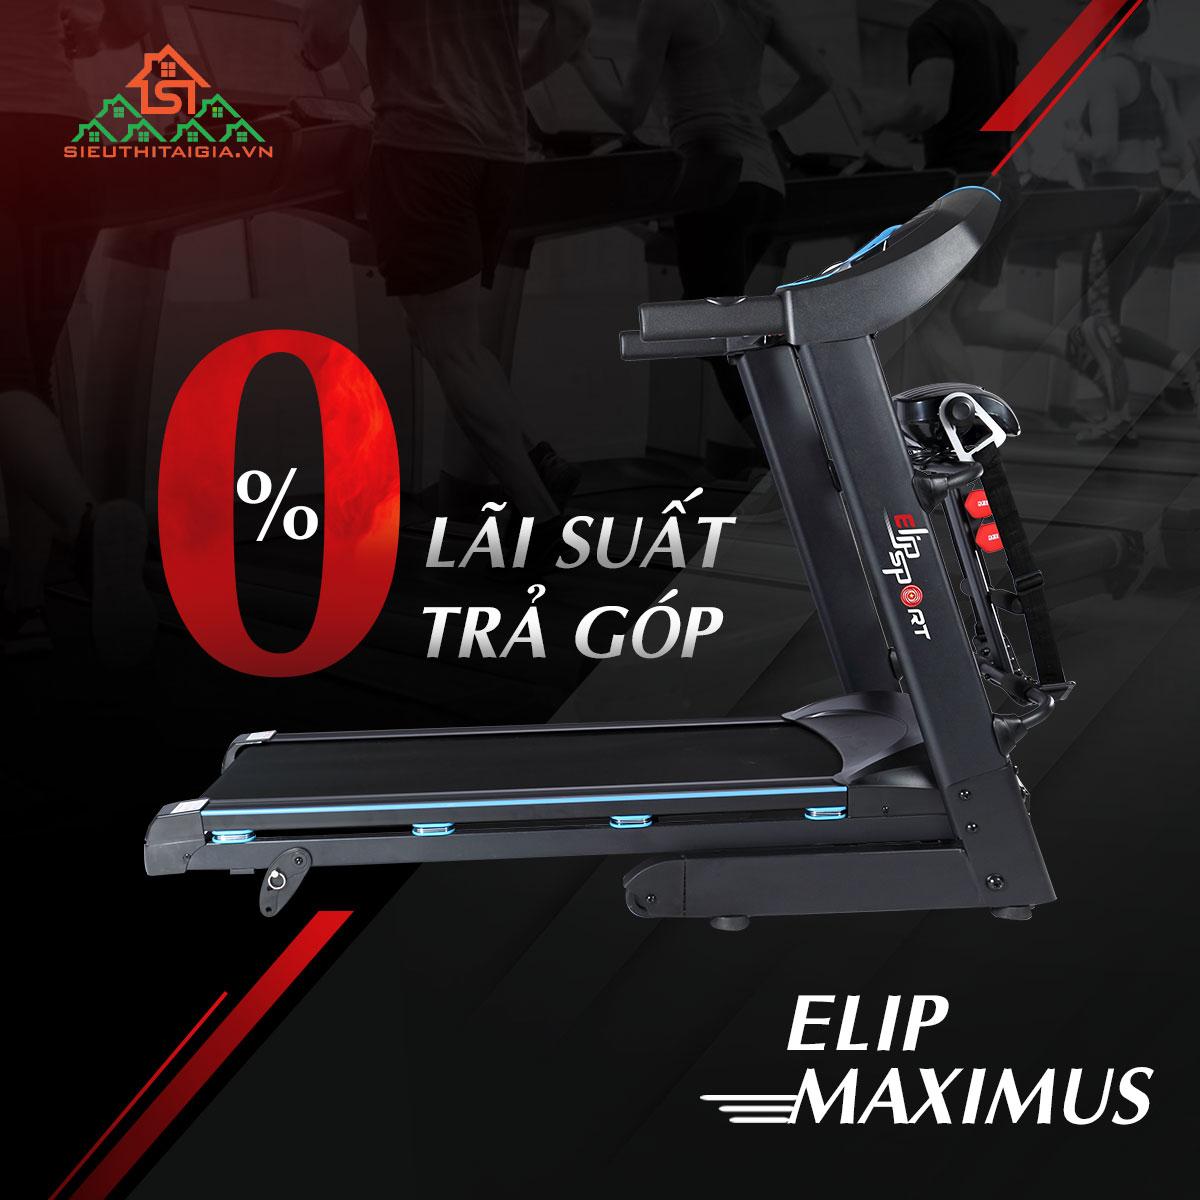 Máy chạy bộ ELIP Maximus